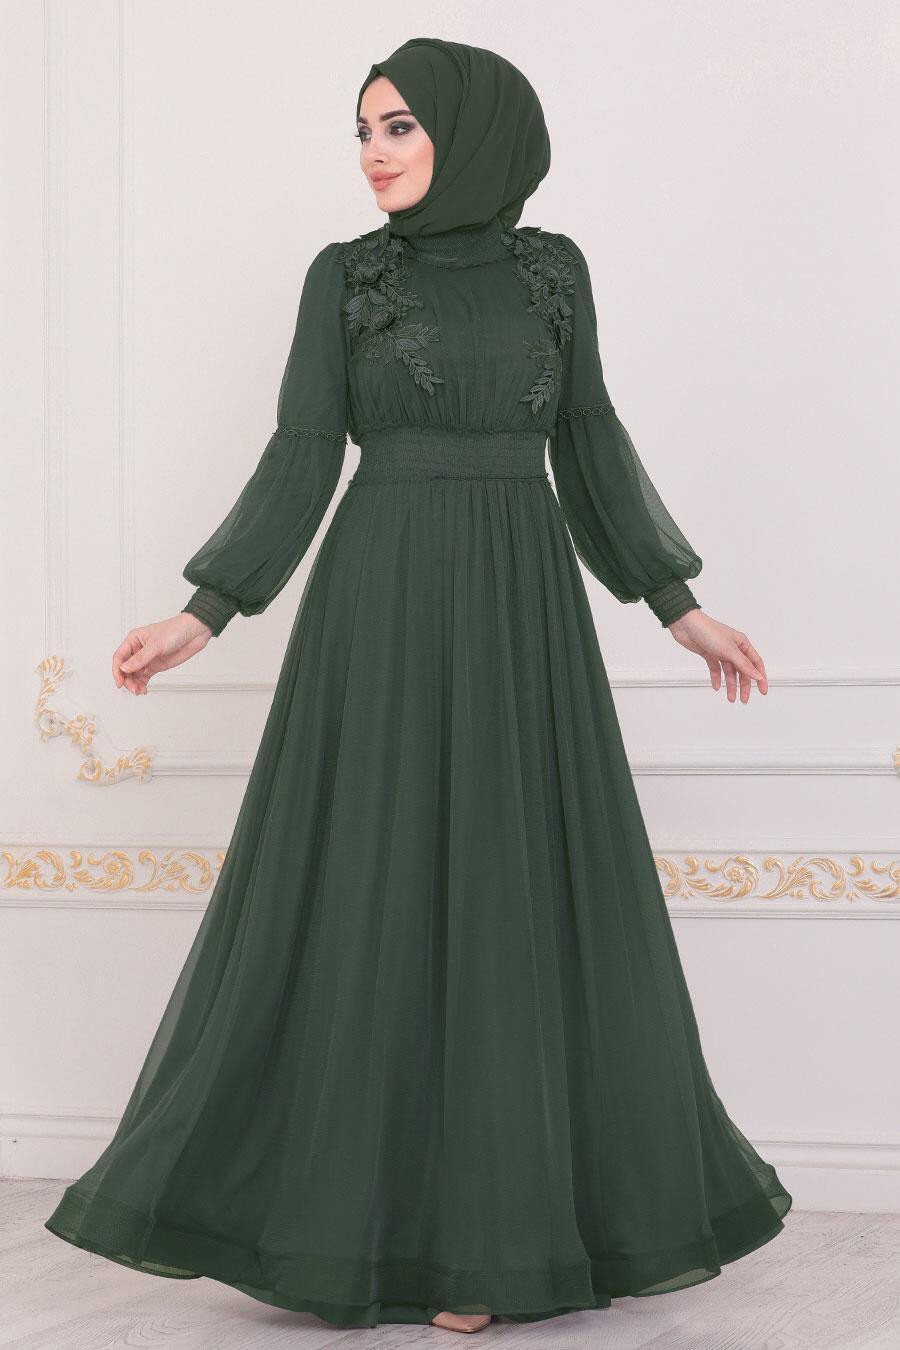 Tesettürlü Abiye Elbise - Yaprak Detaylı Yeşil Tesettür Abiye Elbise 40275Y